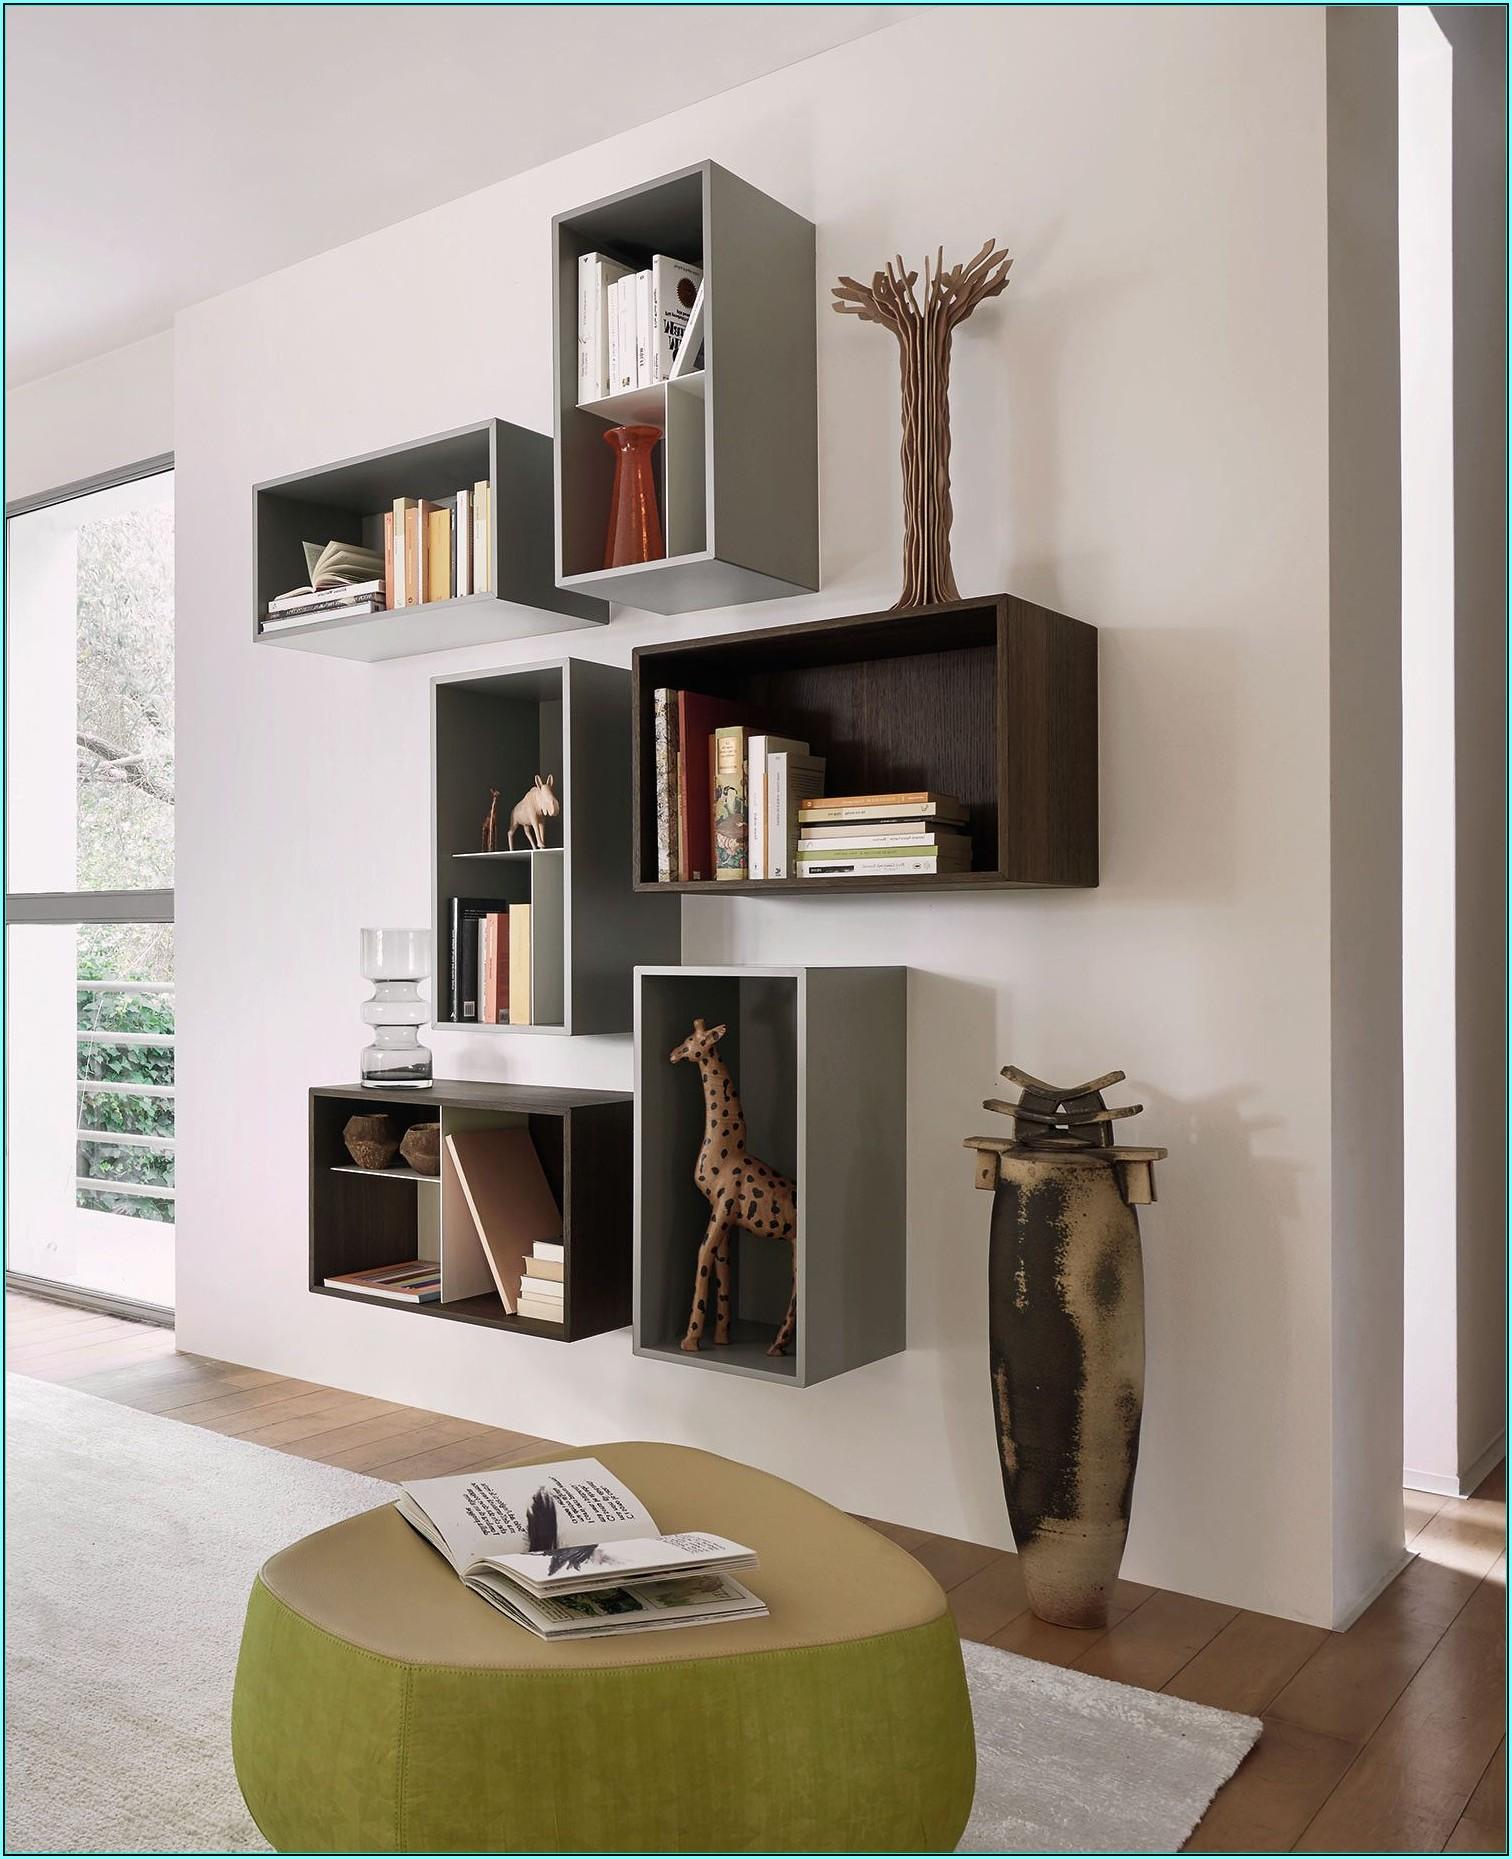 Wohnzimmer Regal Ideen - wohnzimmer : House und Dekor ...